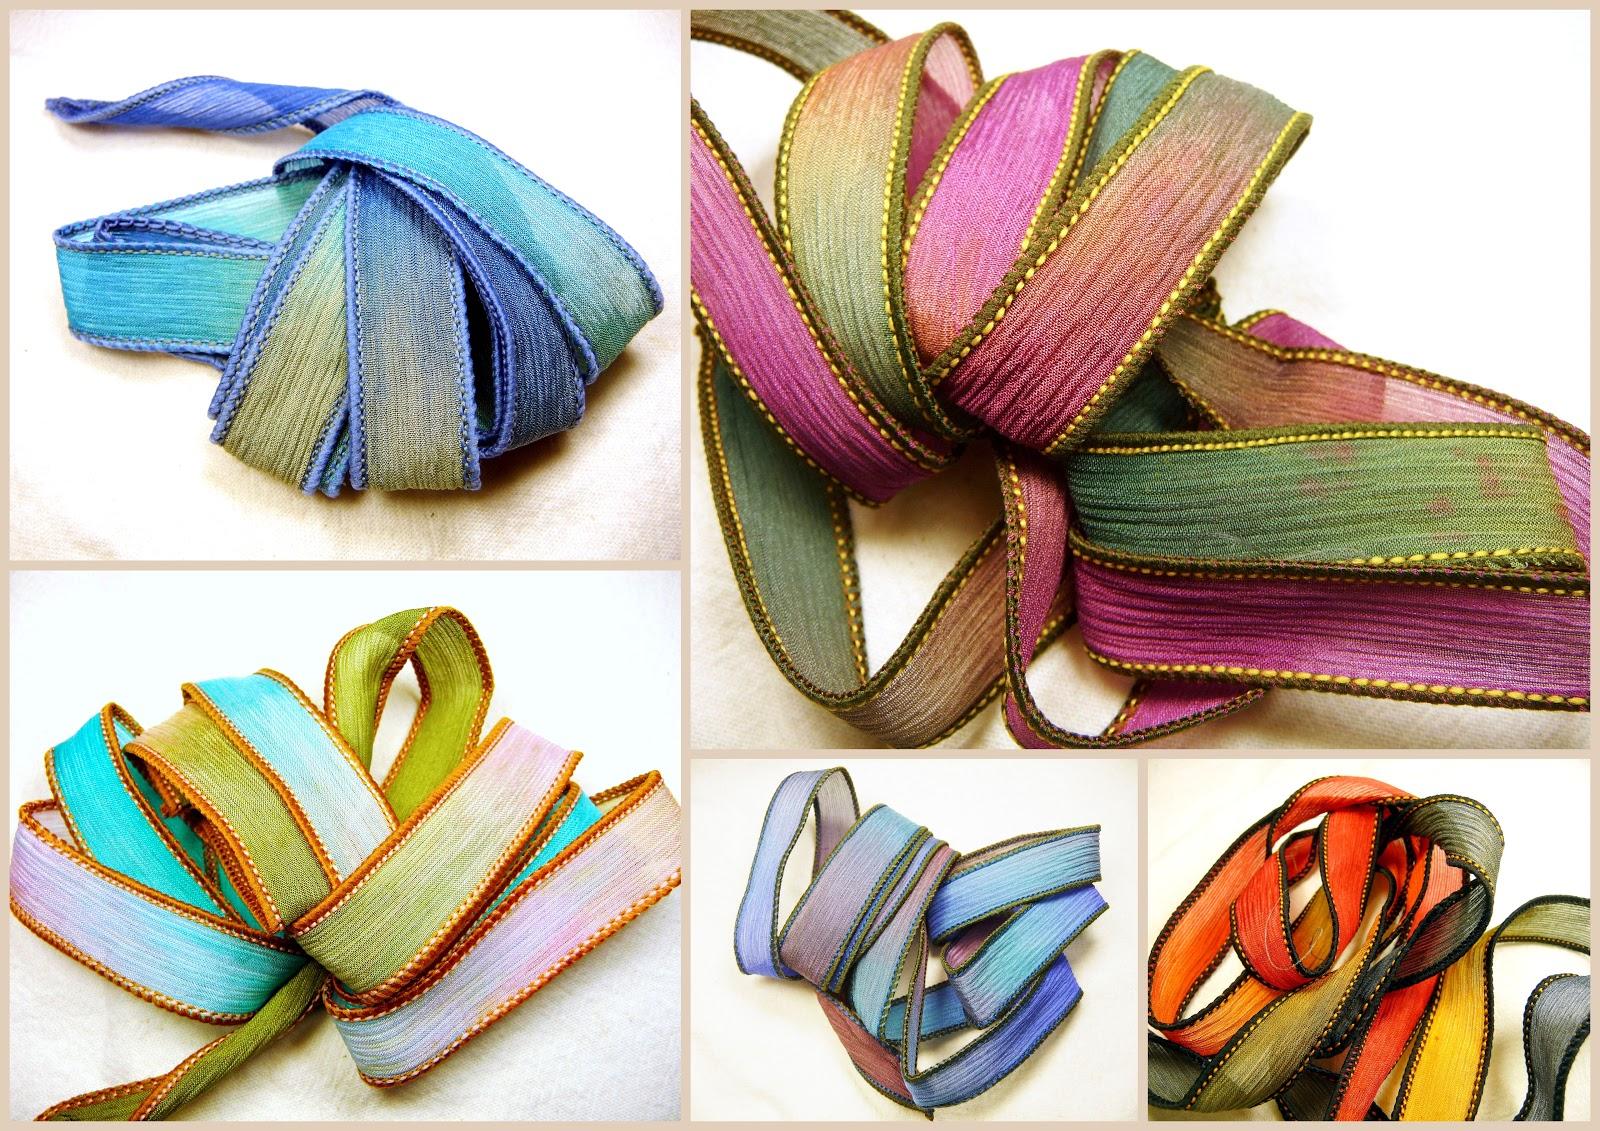 Populaire Bijoux de Création: Période couleur 1 : Rubans de soie colorés RU78